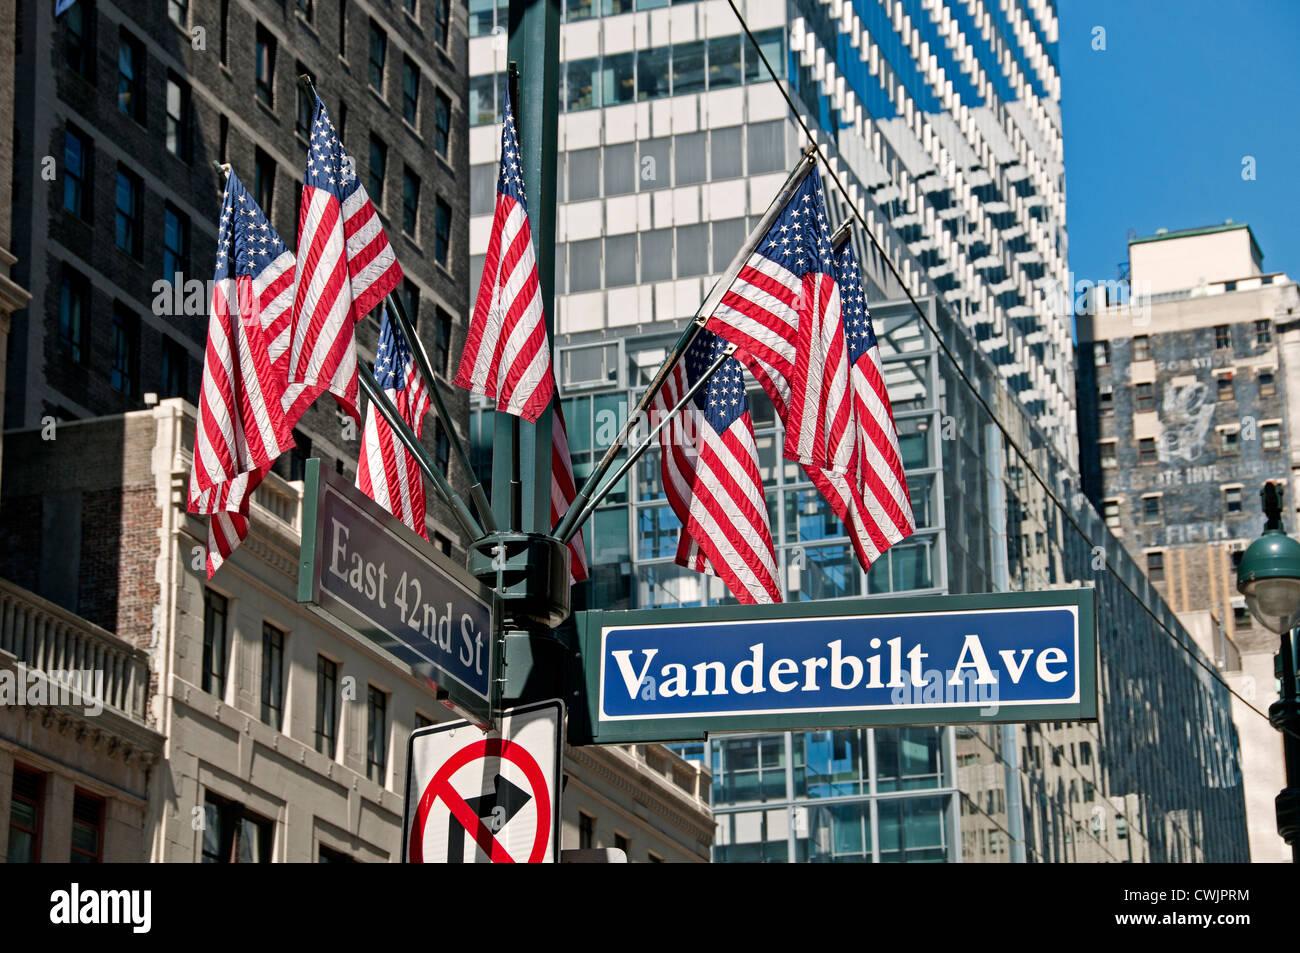 Vanderbilt Avenue East 42 Straße amerikanische Flagge Stars and Stripes Stockbild